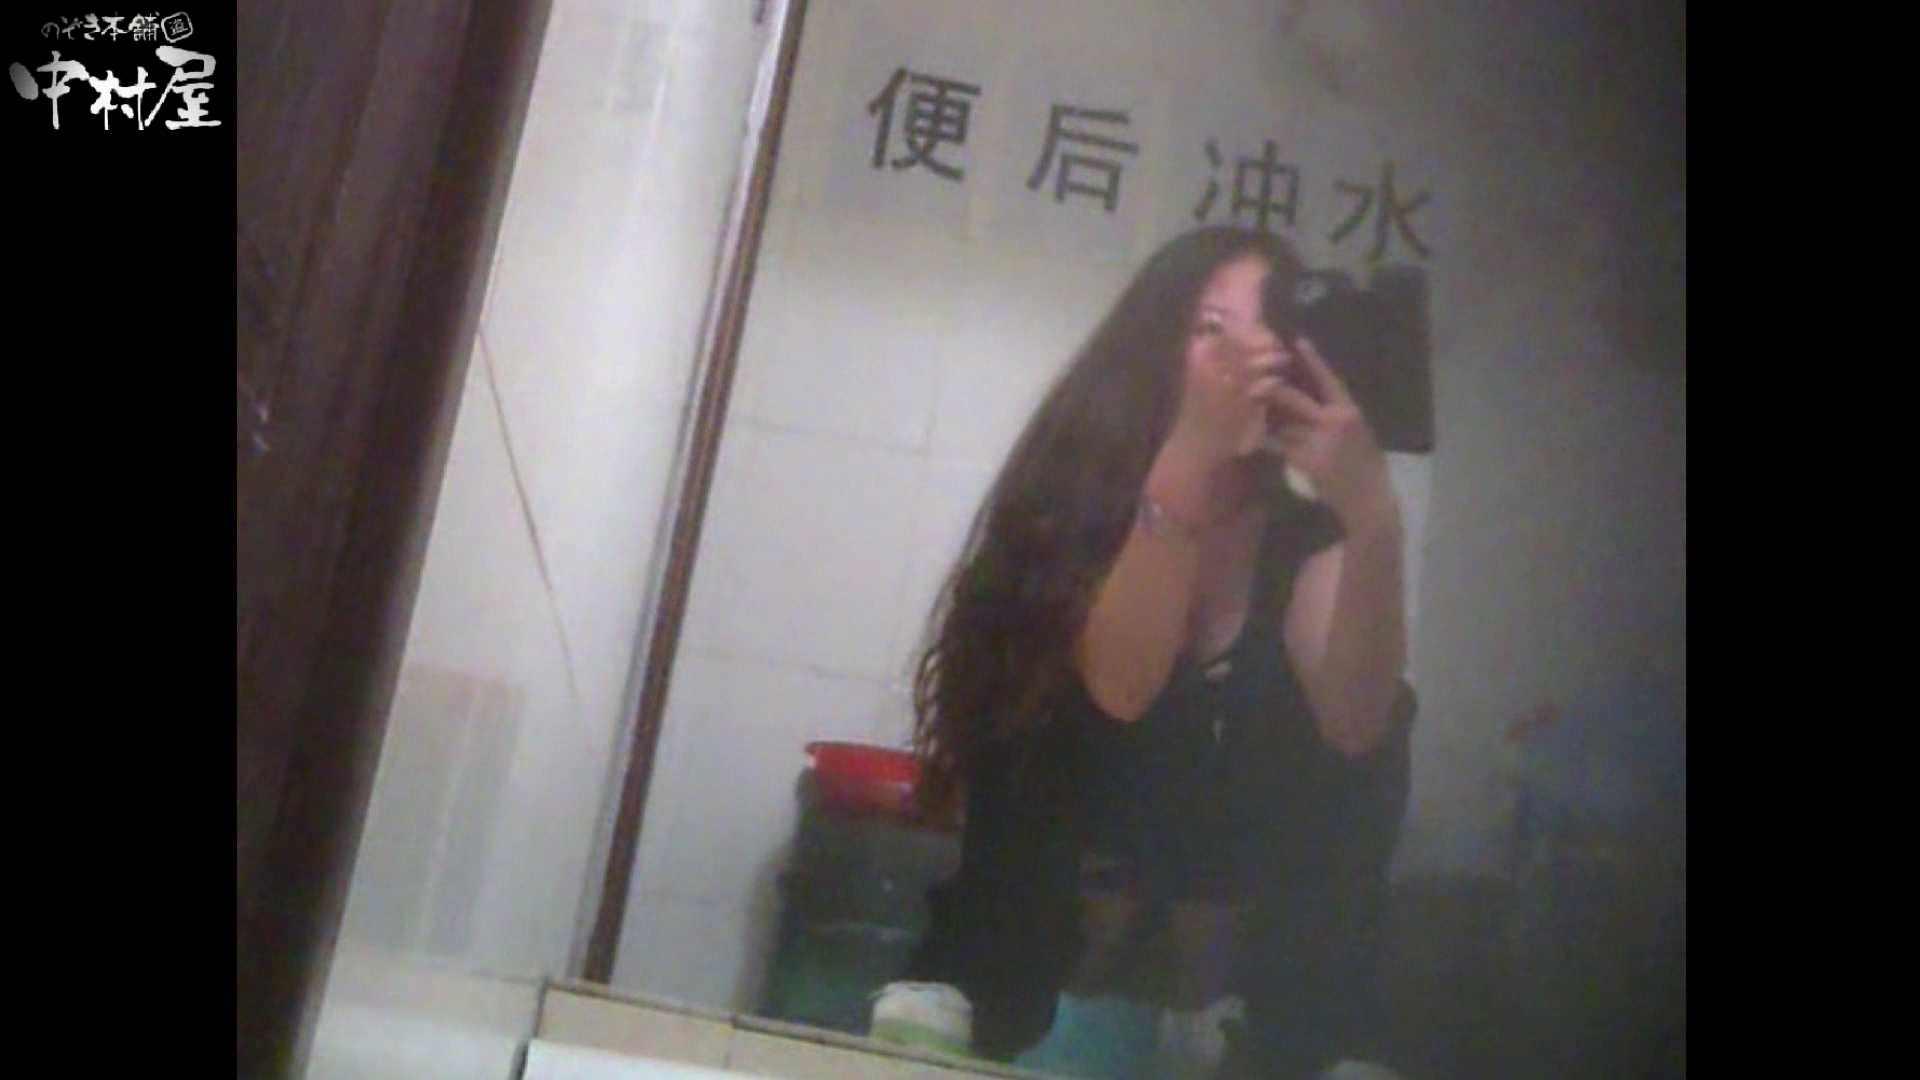 李さんの盗撮日記 Vol.03 OLエロ画像  29PICs 20